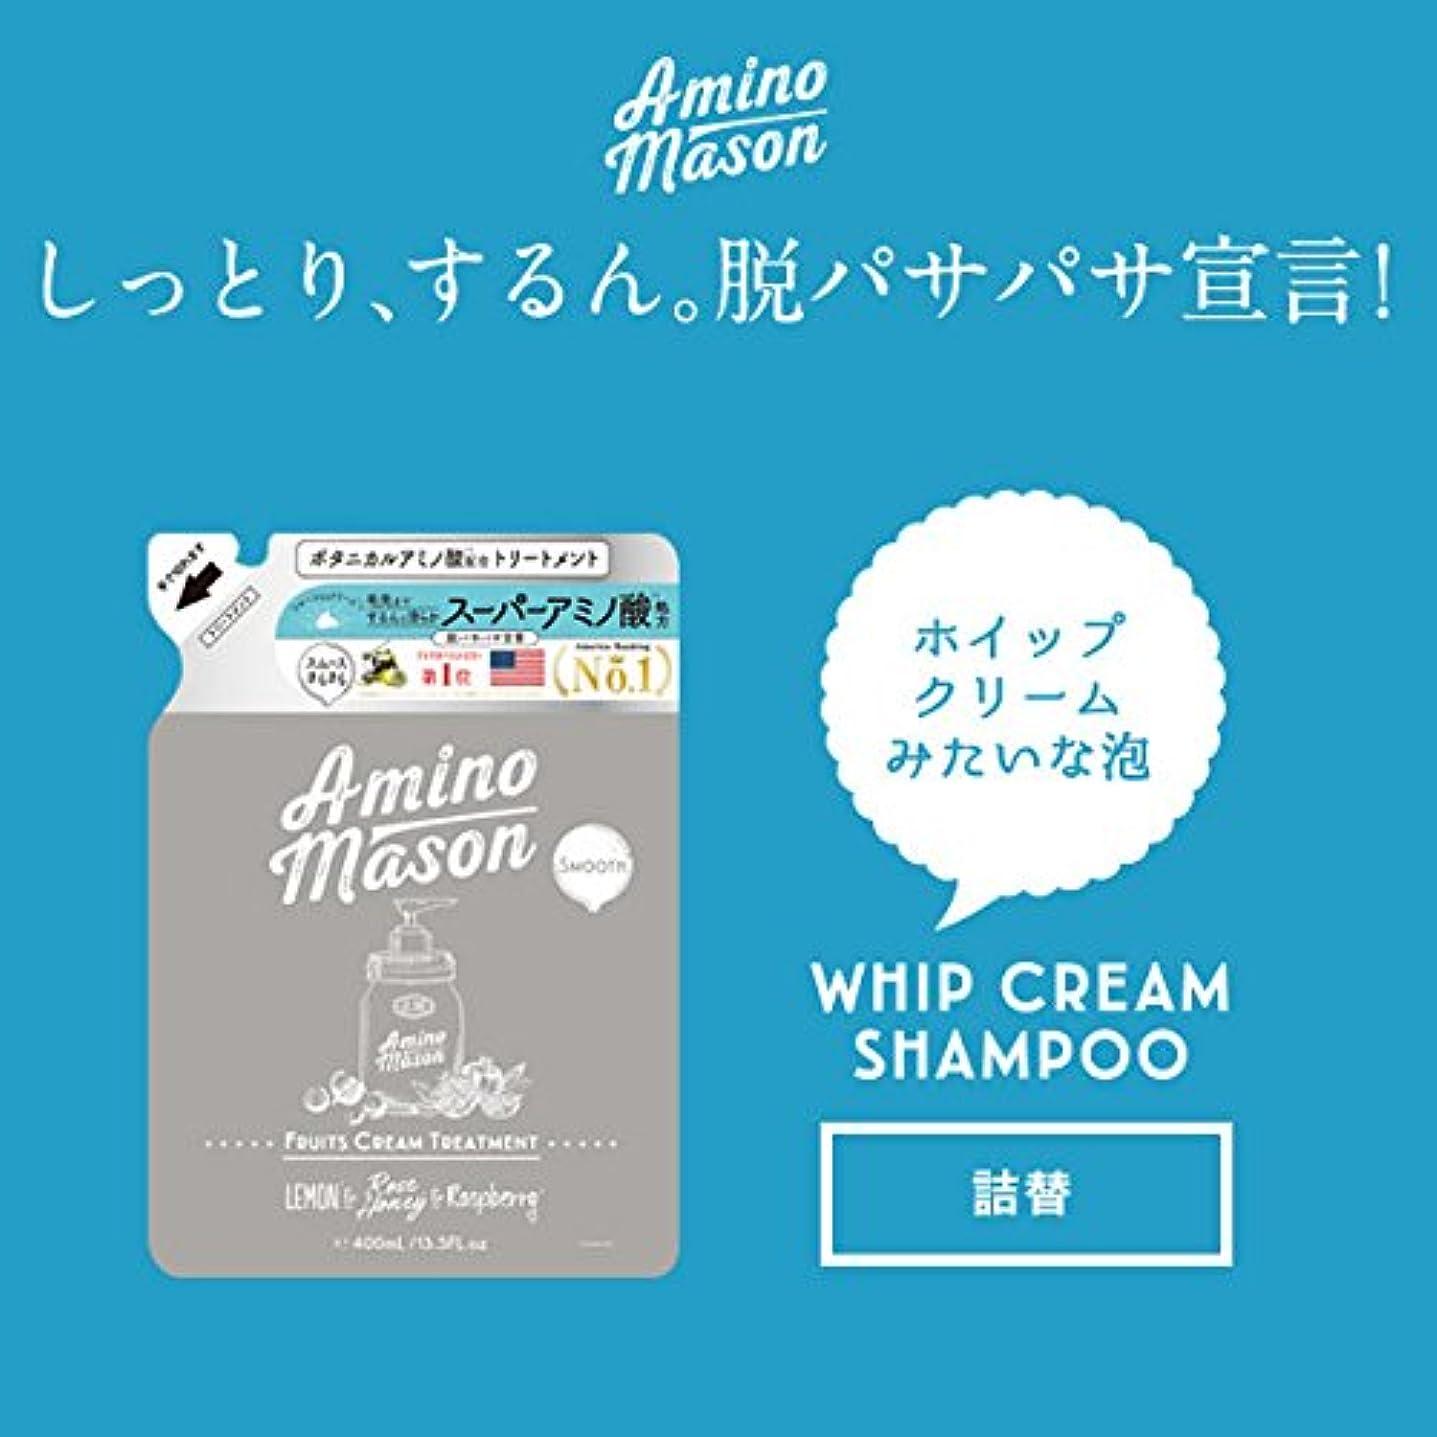 環境輪郭感覚Amino Mason アミノメイソン ホイップクリーム シャンプー 詰め替え 400ml (スムース)